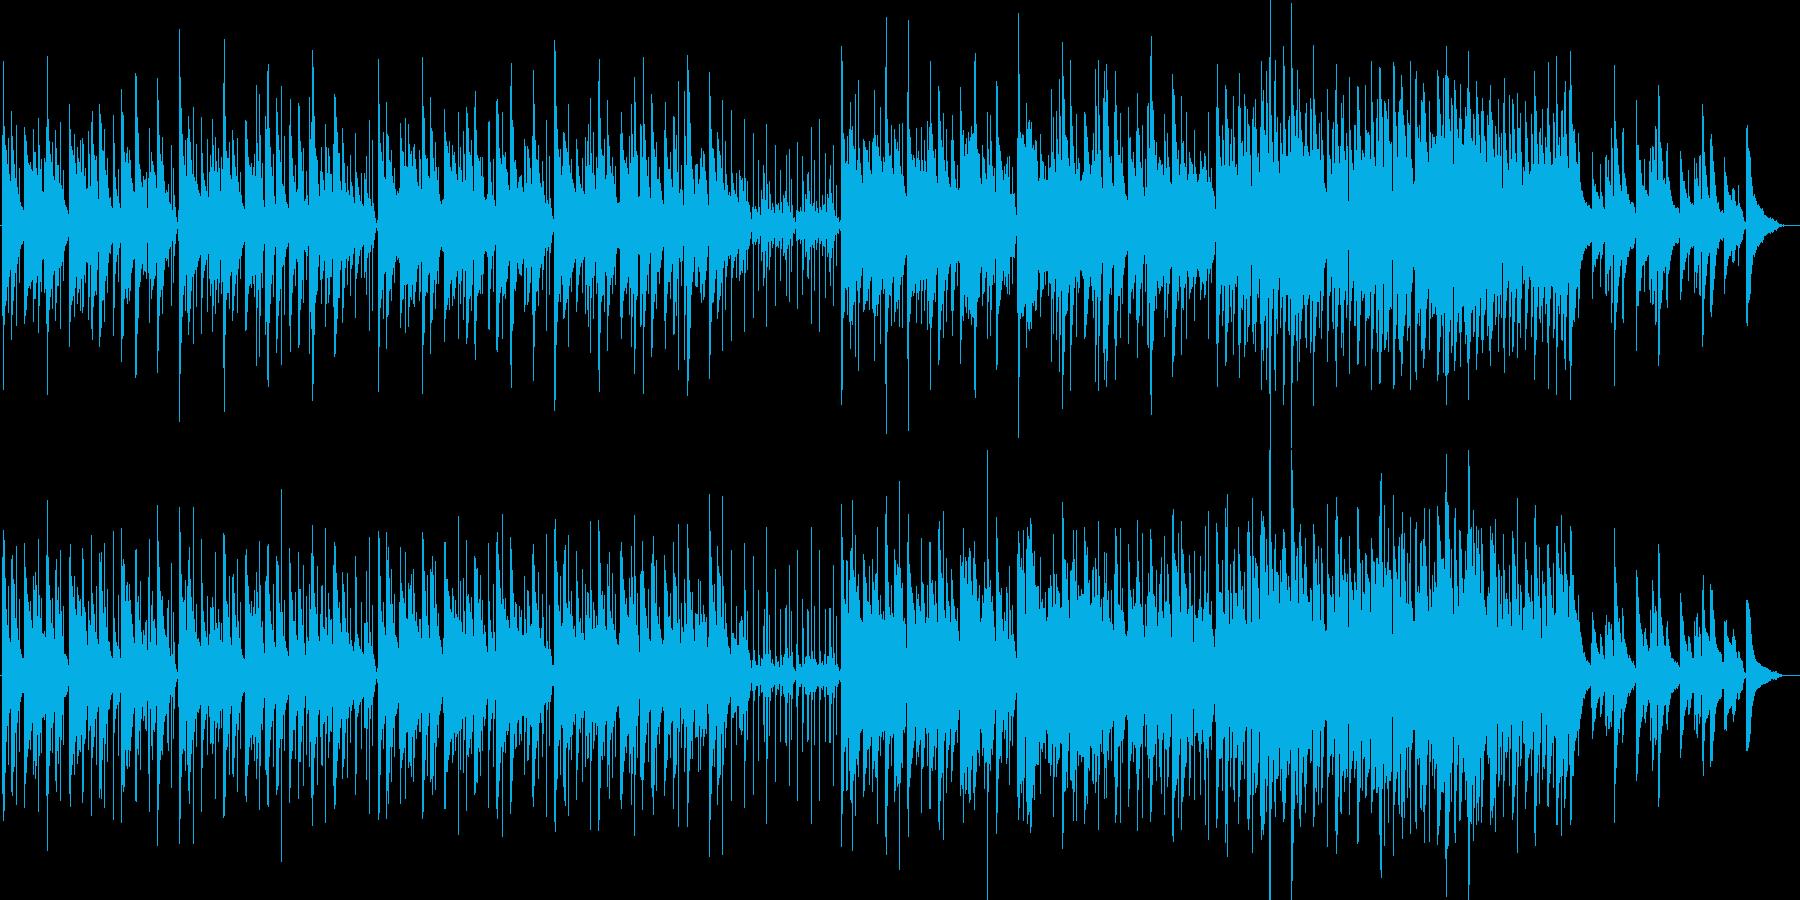 ピアノとパーカッションの再生済みの波形